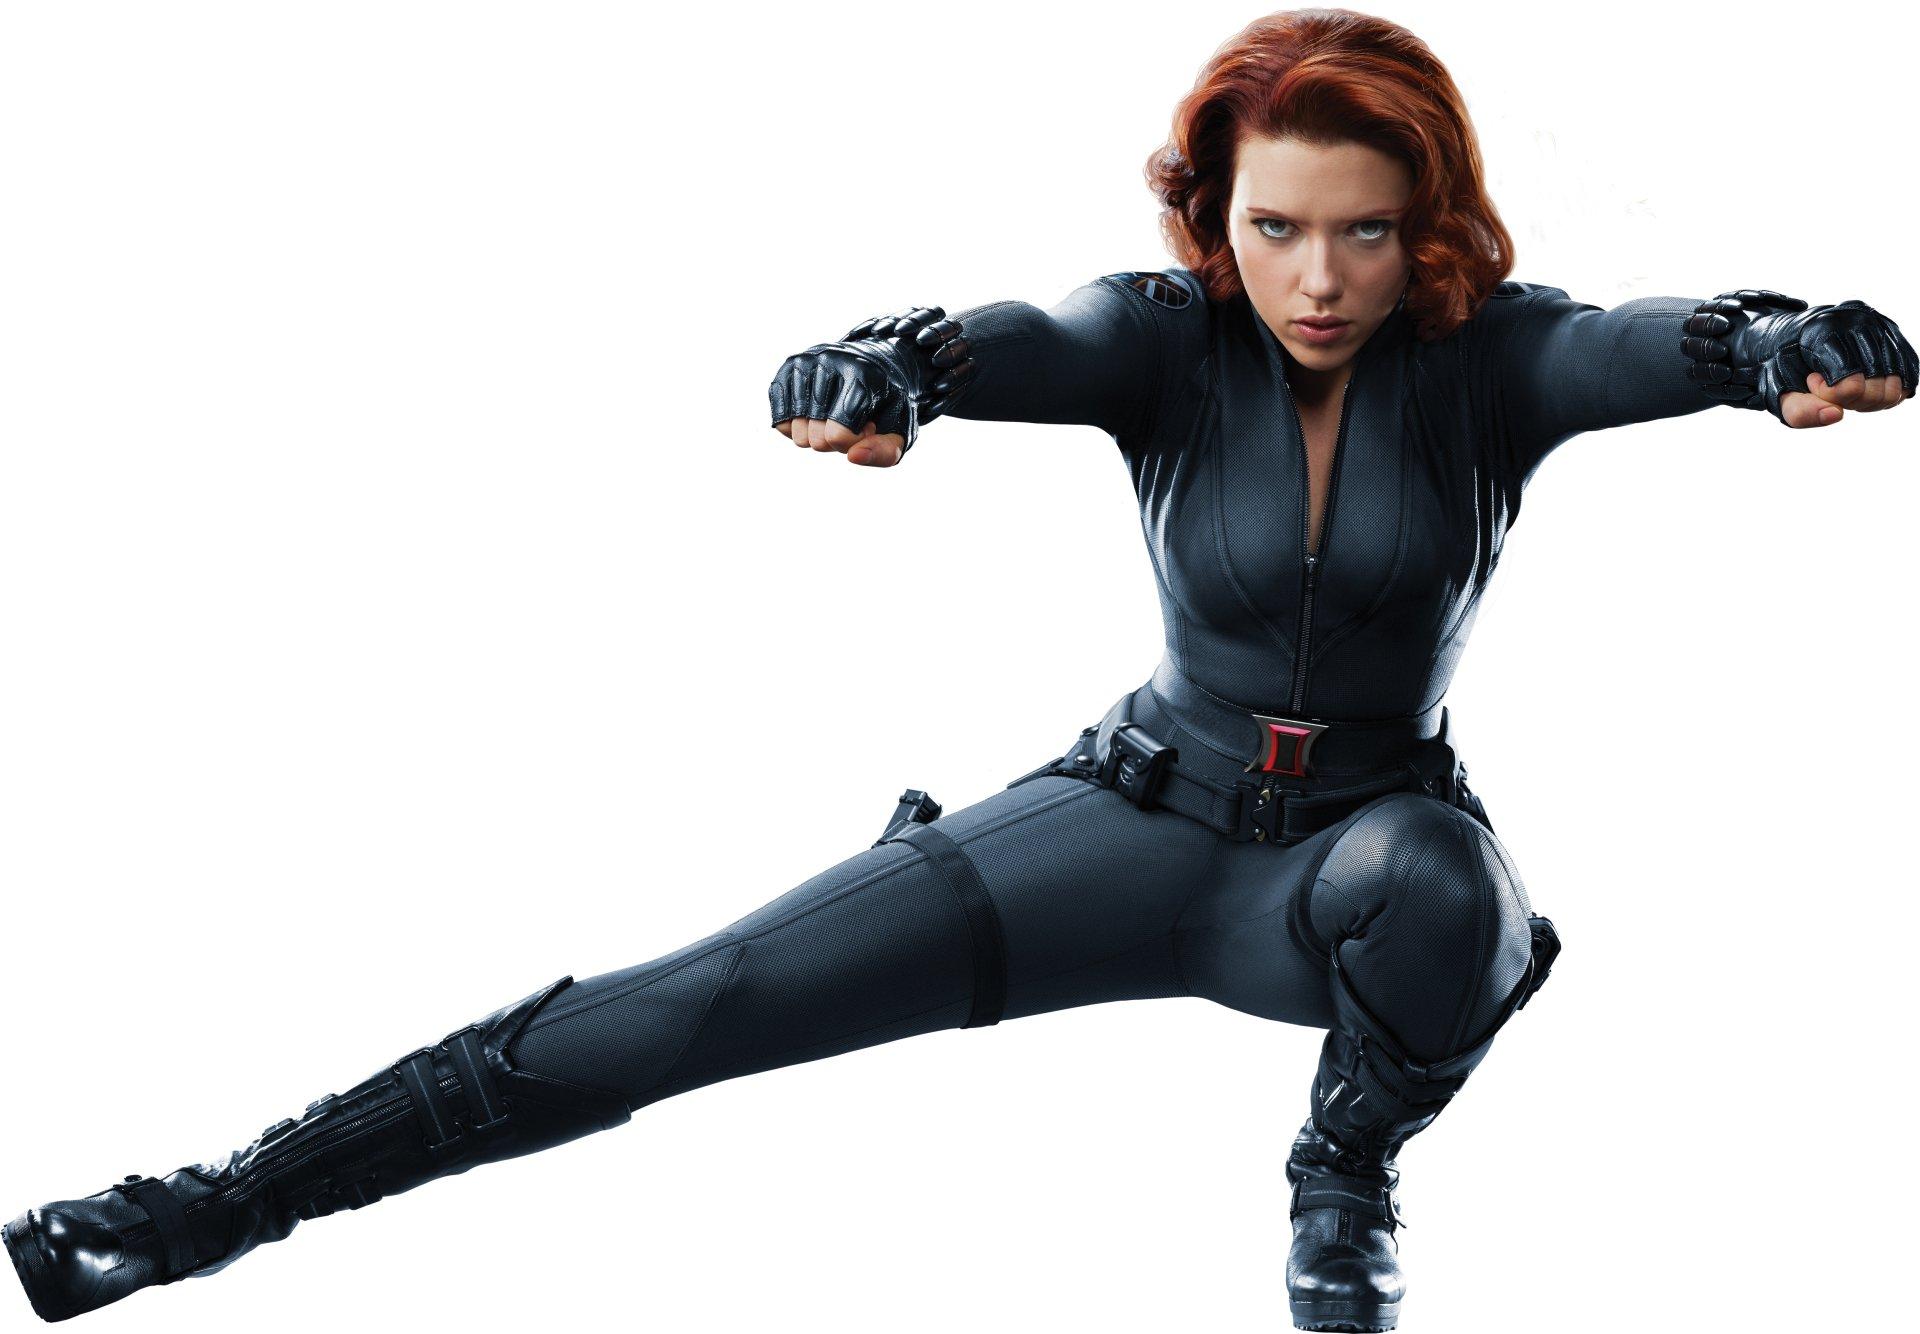 Movie - The Avengers  Scarlett Johansson Wallpaper